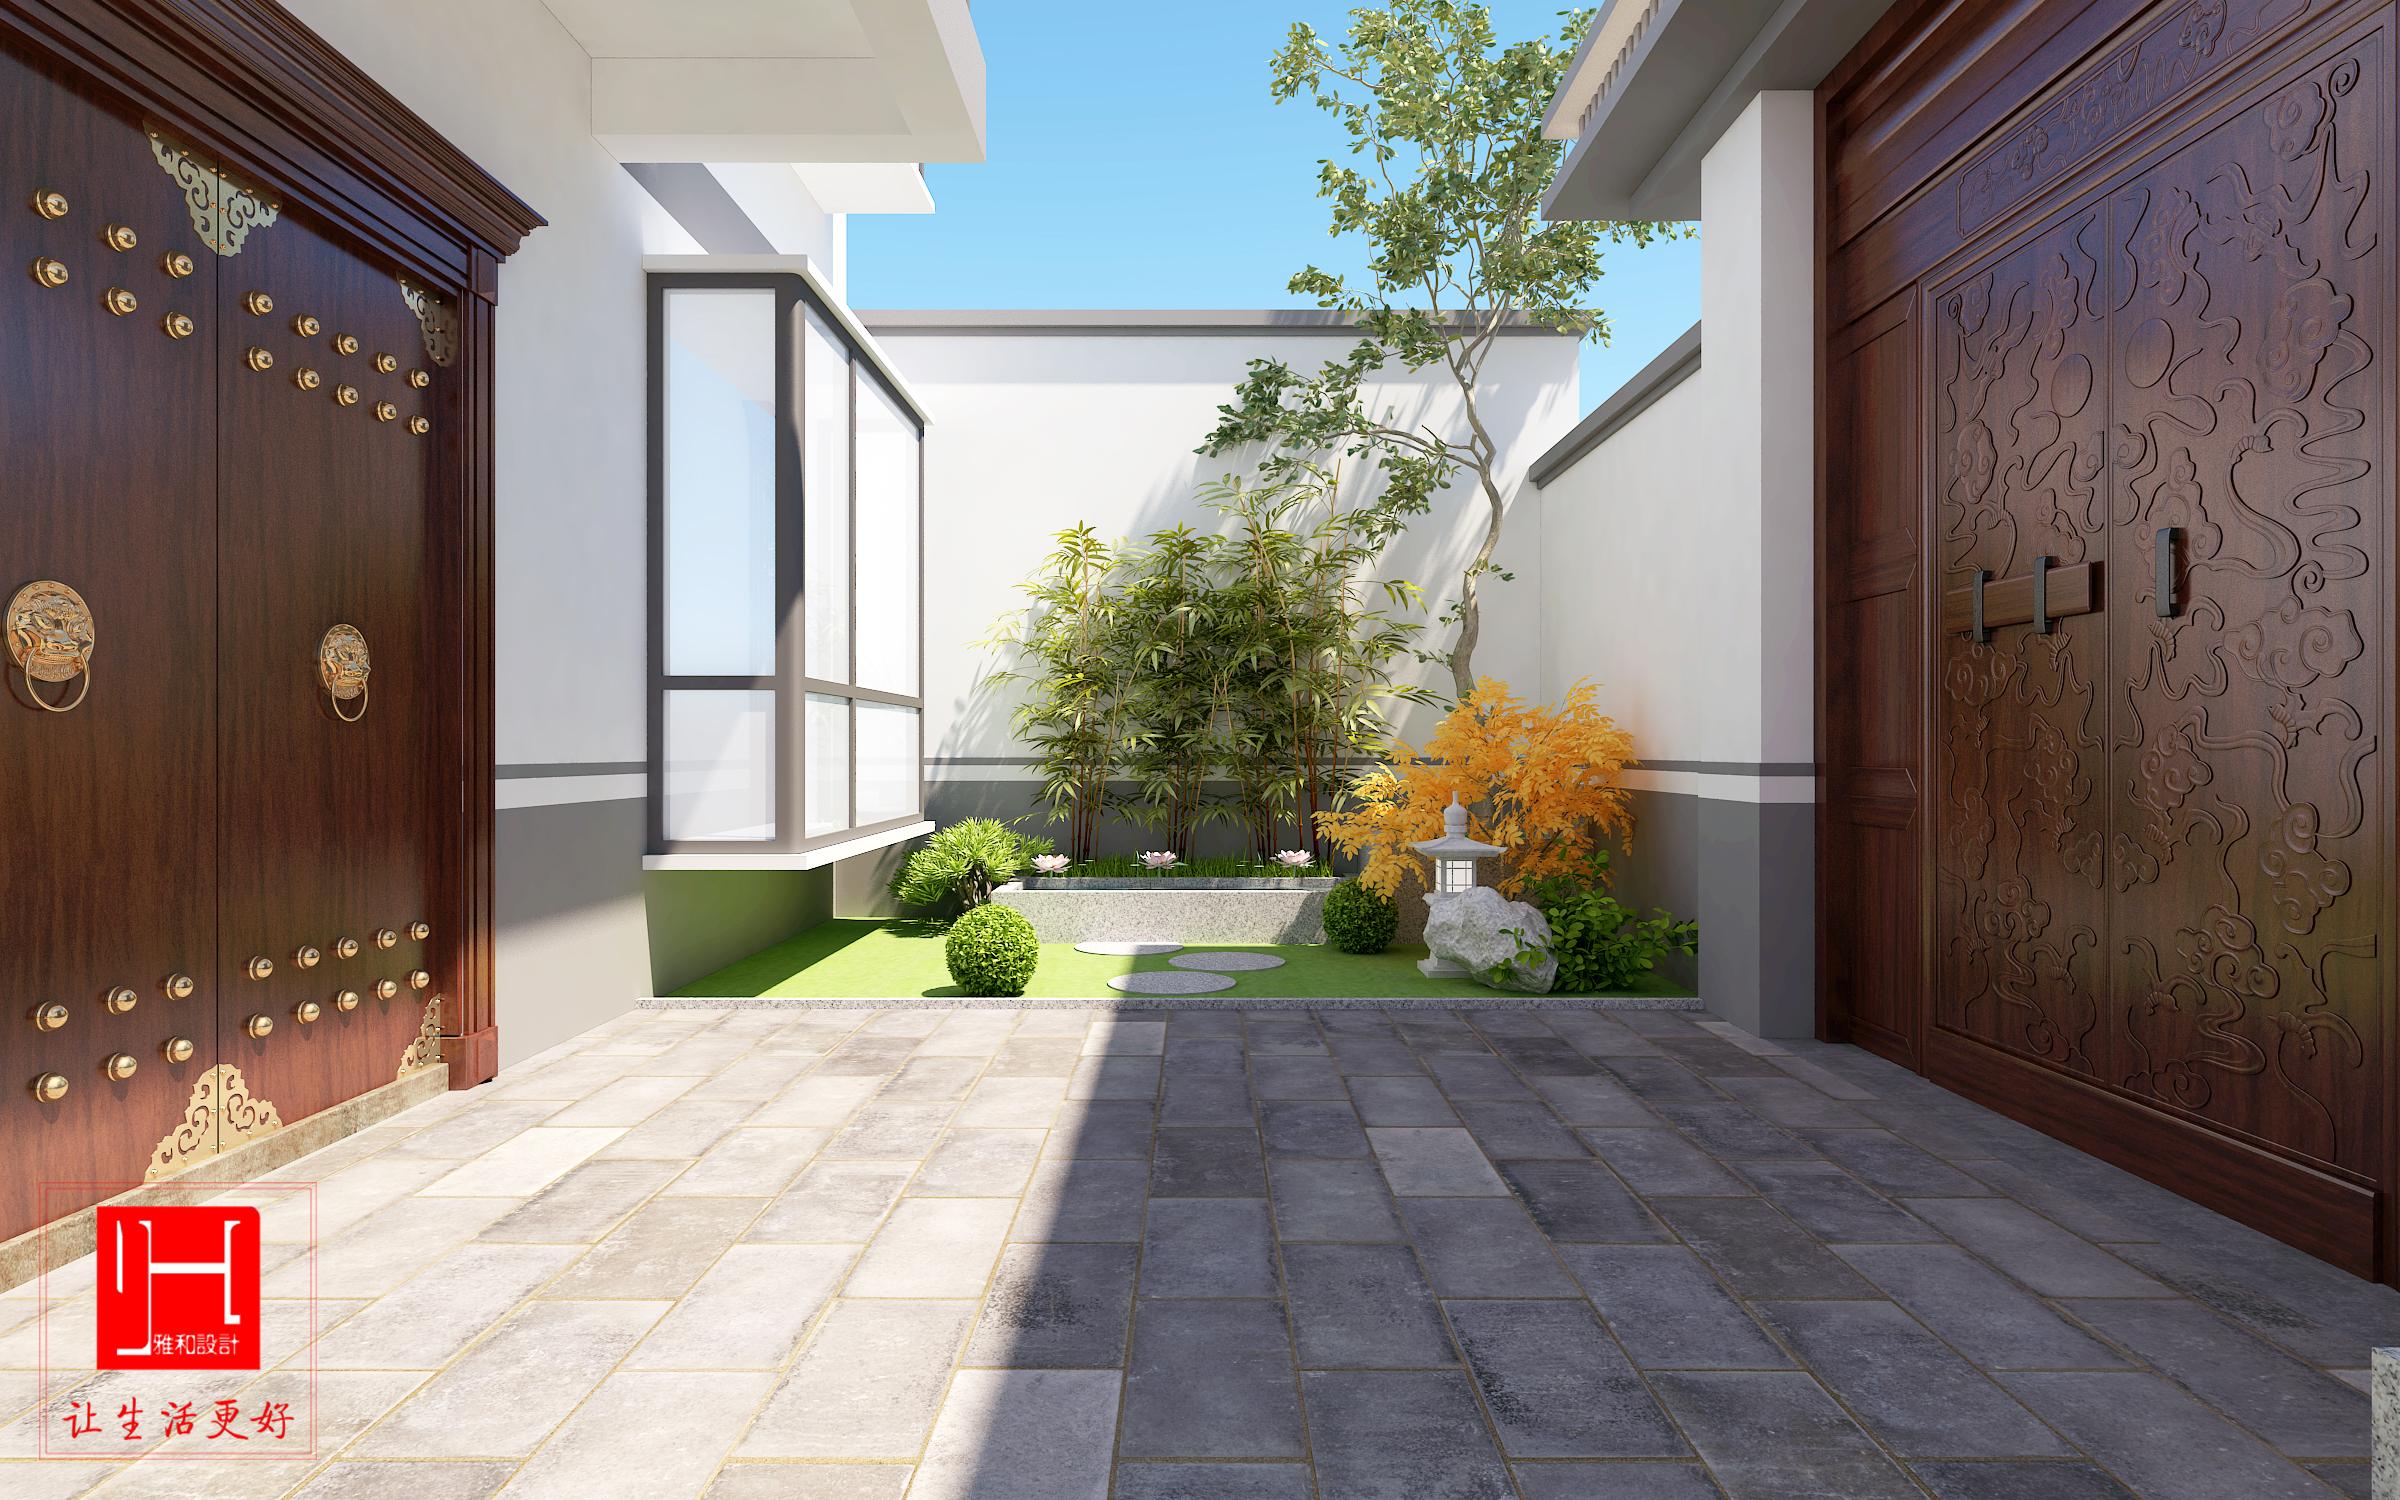 院子设计效果图庭院设计枯山水创意庭院中式庭院日式庭院设计